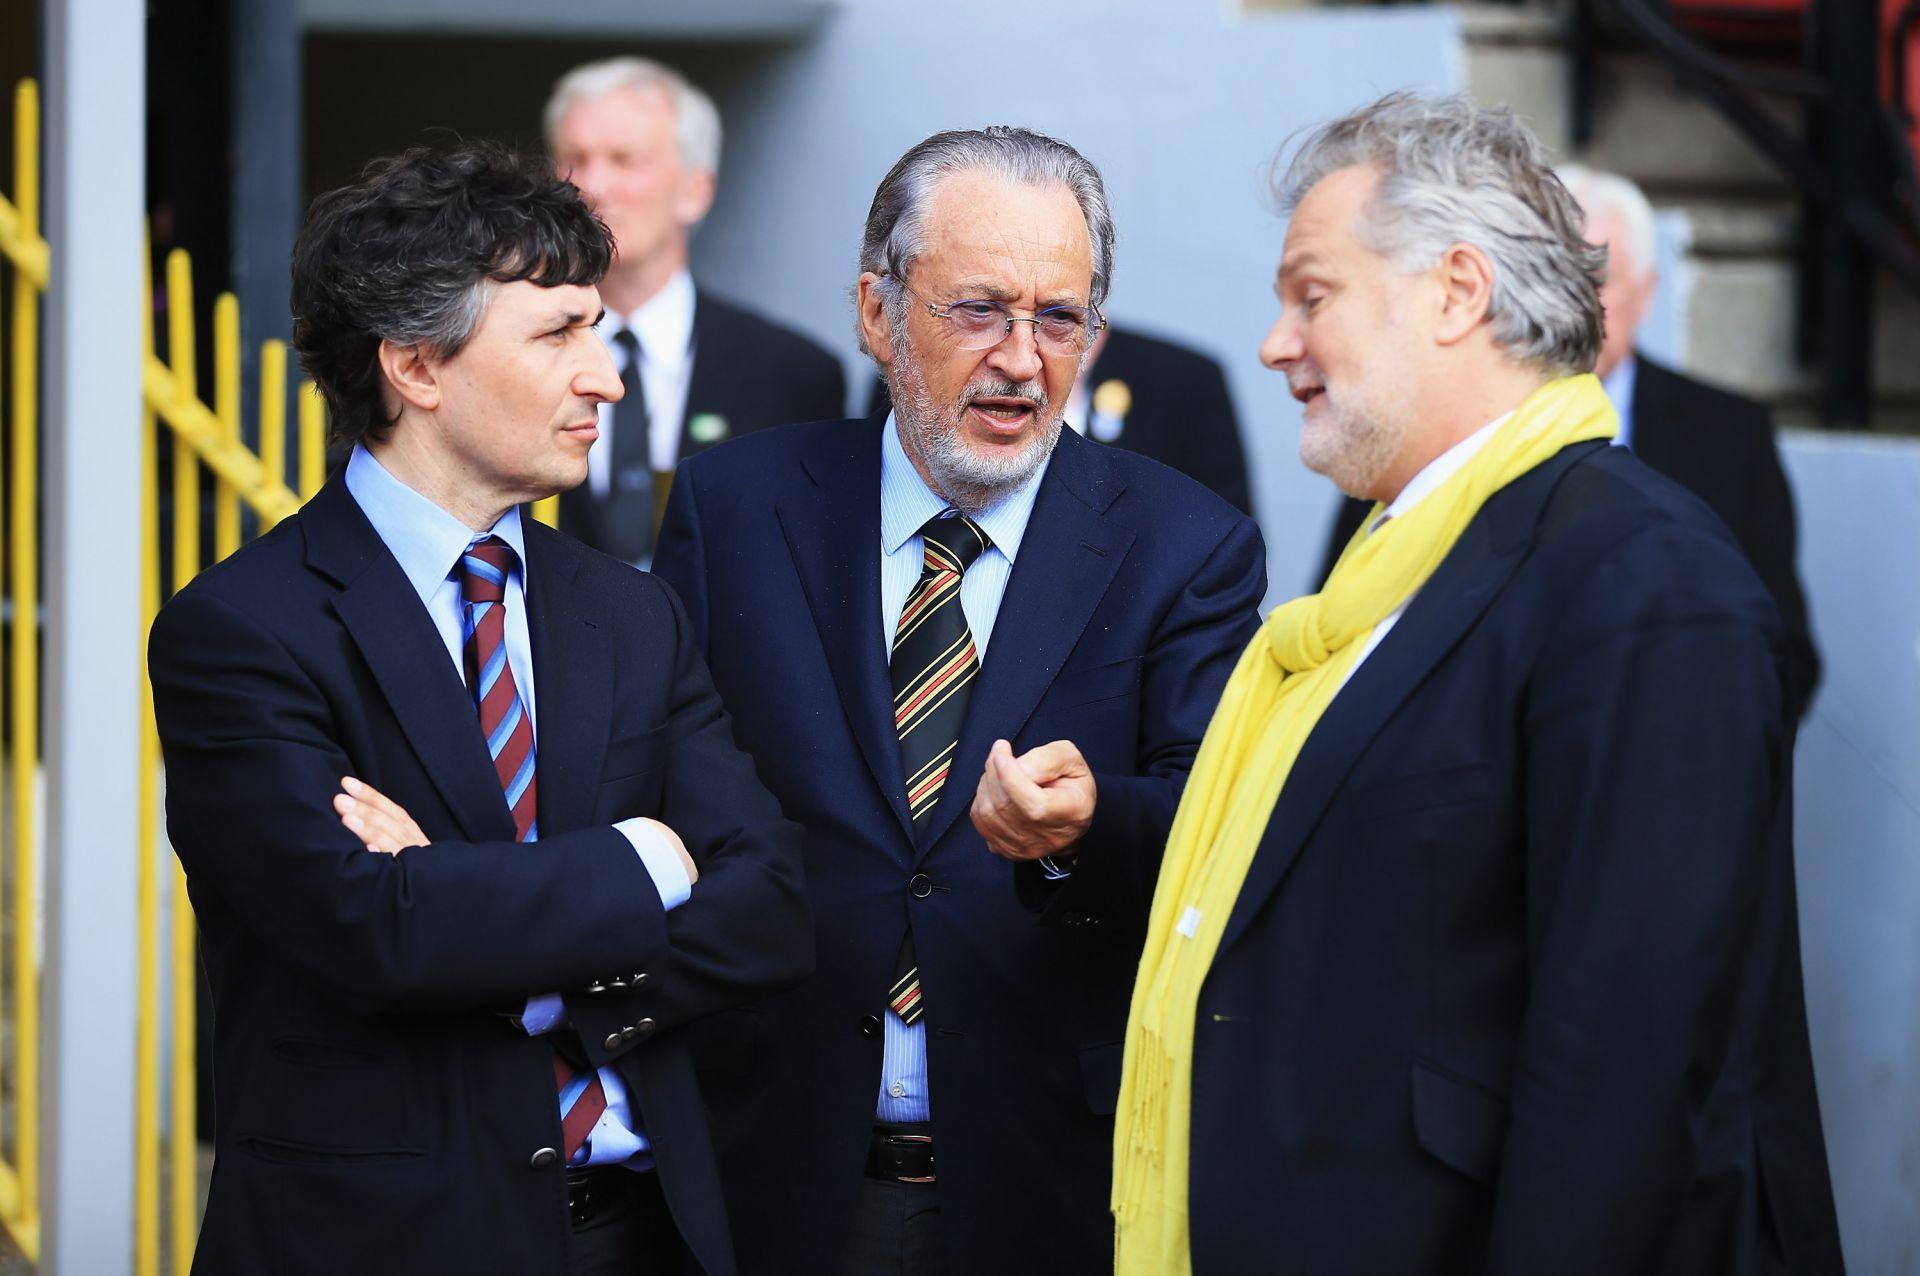 Джино Поцо (вляво) пое цялата власт в клуба от баща си Джанпаоло (в средата) след сделката преди близо 8 години